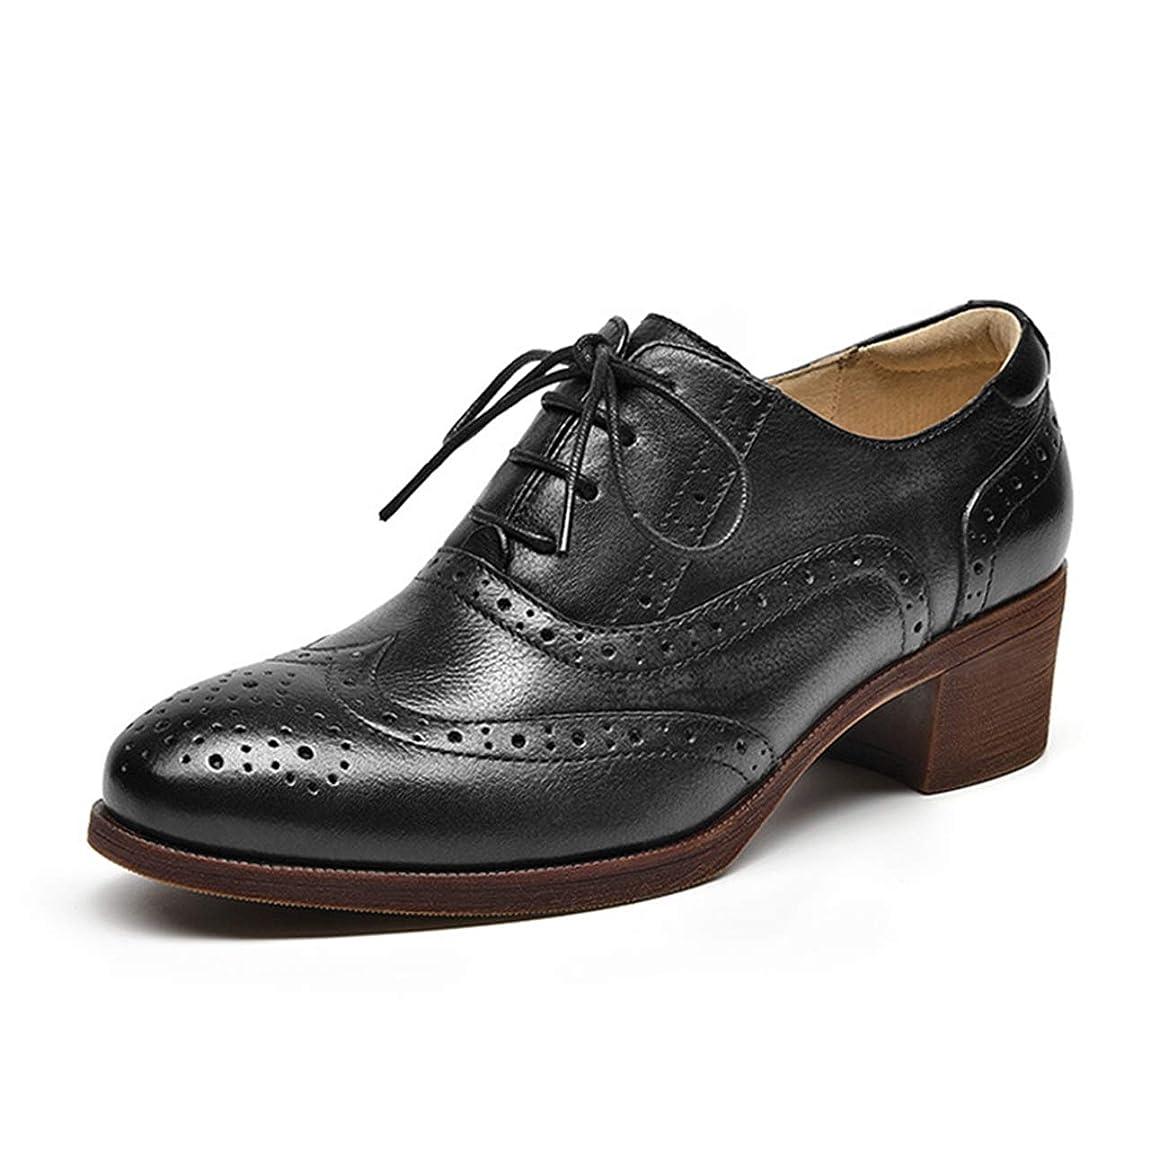 逆に最初は雄弁家[ZUYEE] (ズイェ) レディース レースアップシューズ 本革 ヒール ウイングチップ オックスフォードシューズ レトロ おじ靴 太めヒール 歩きやすい